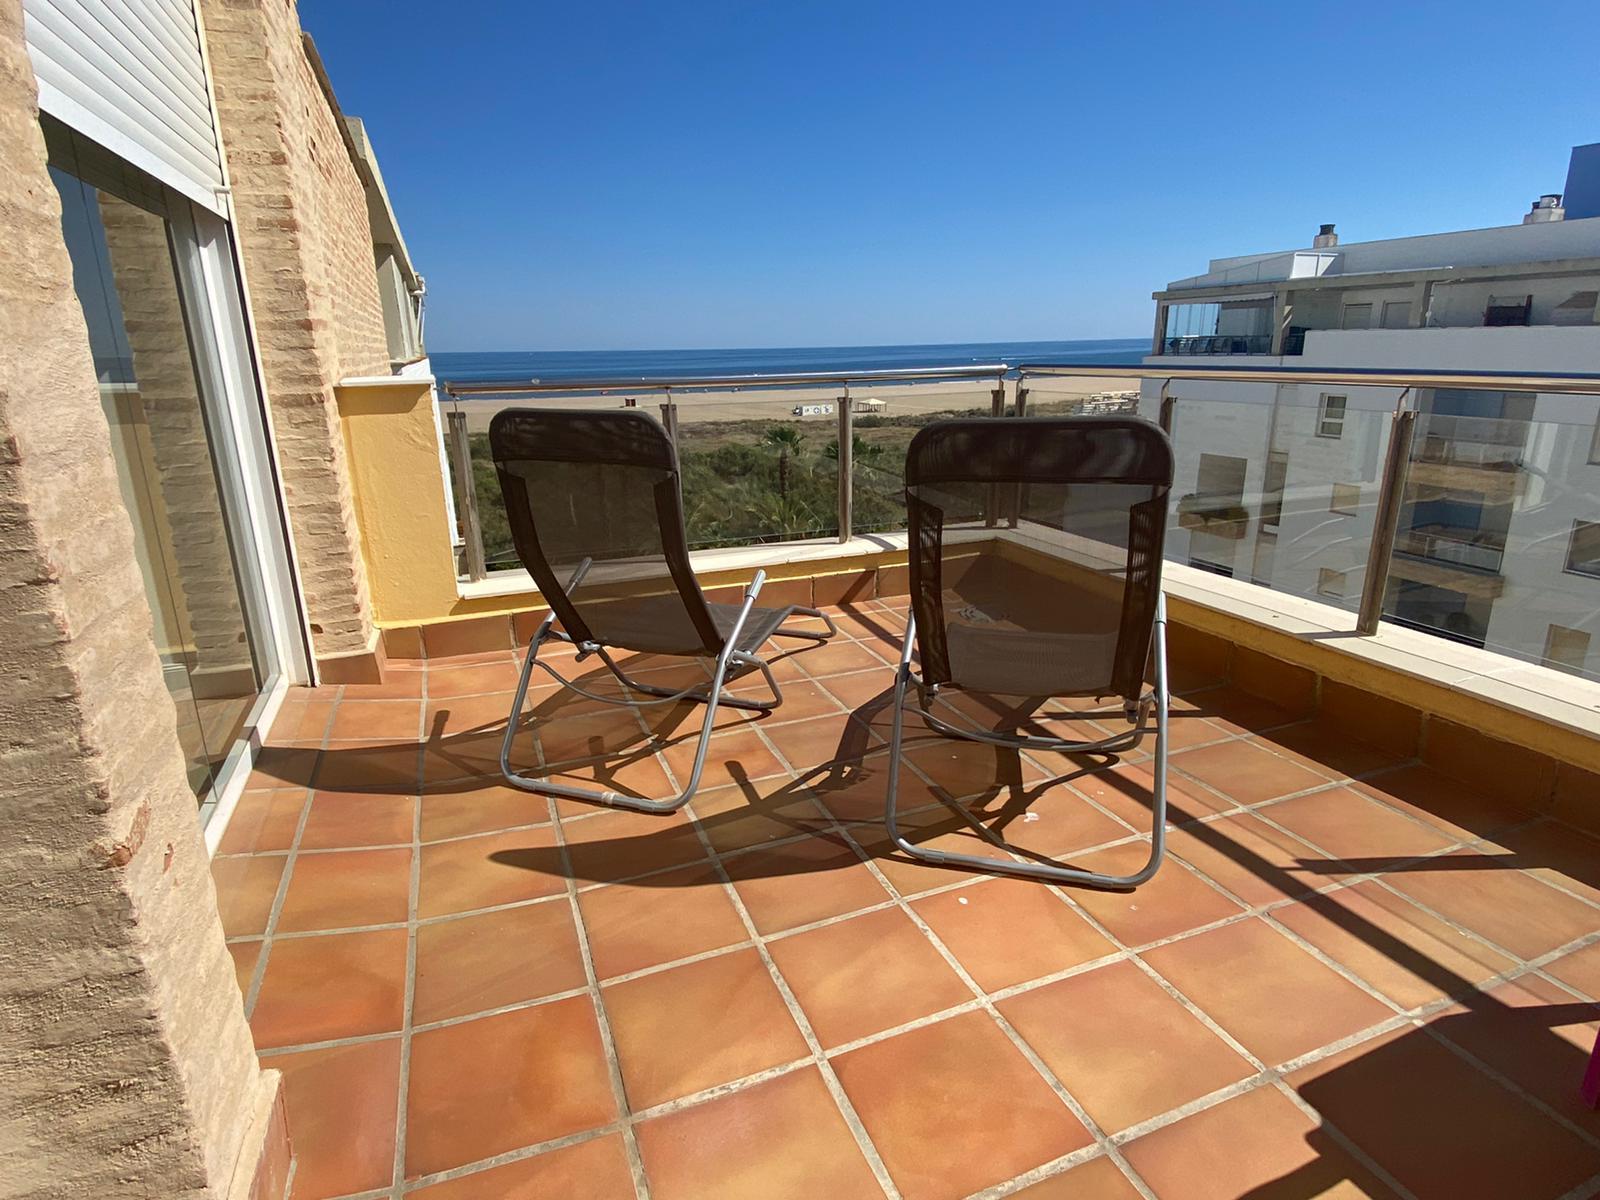 Imagen 32 del Apartamento Turístico, Ático 1 Central (3d+2b), Punta del Moral (HUELVA), Paseo de la Cruz nº22